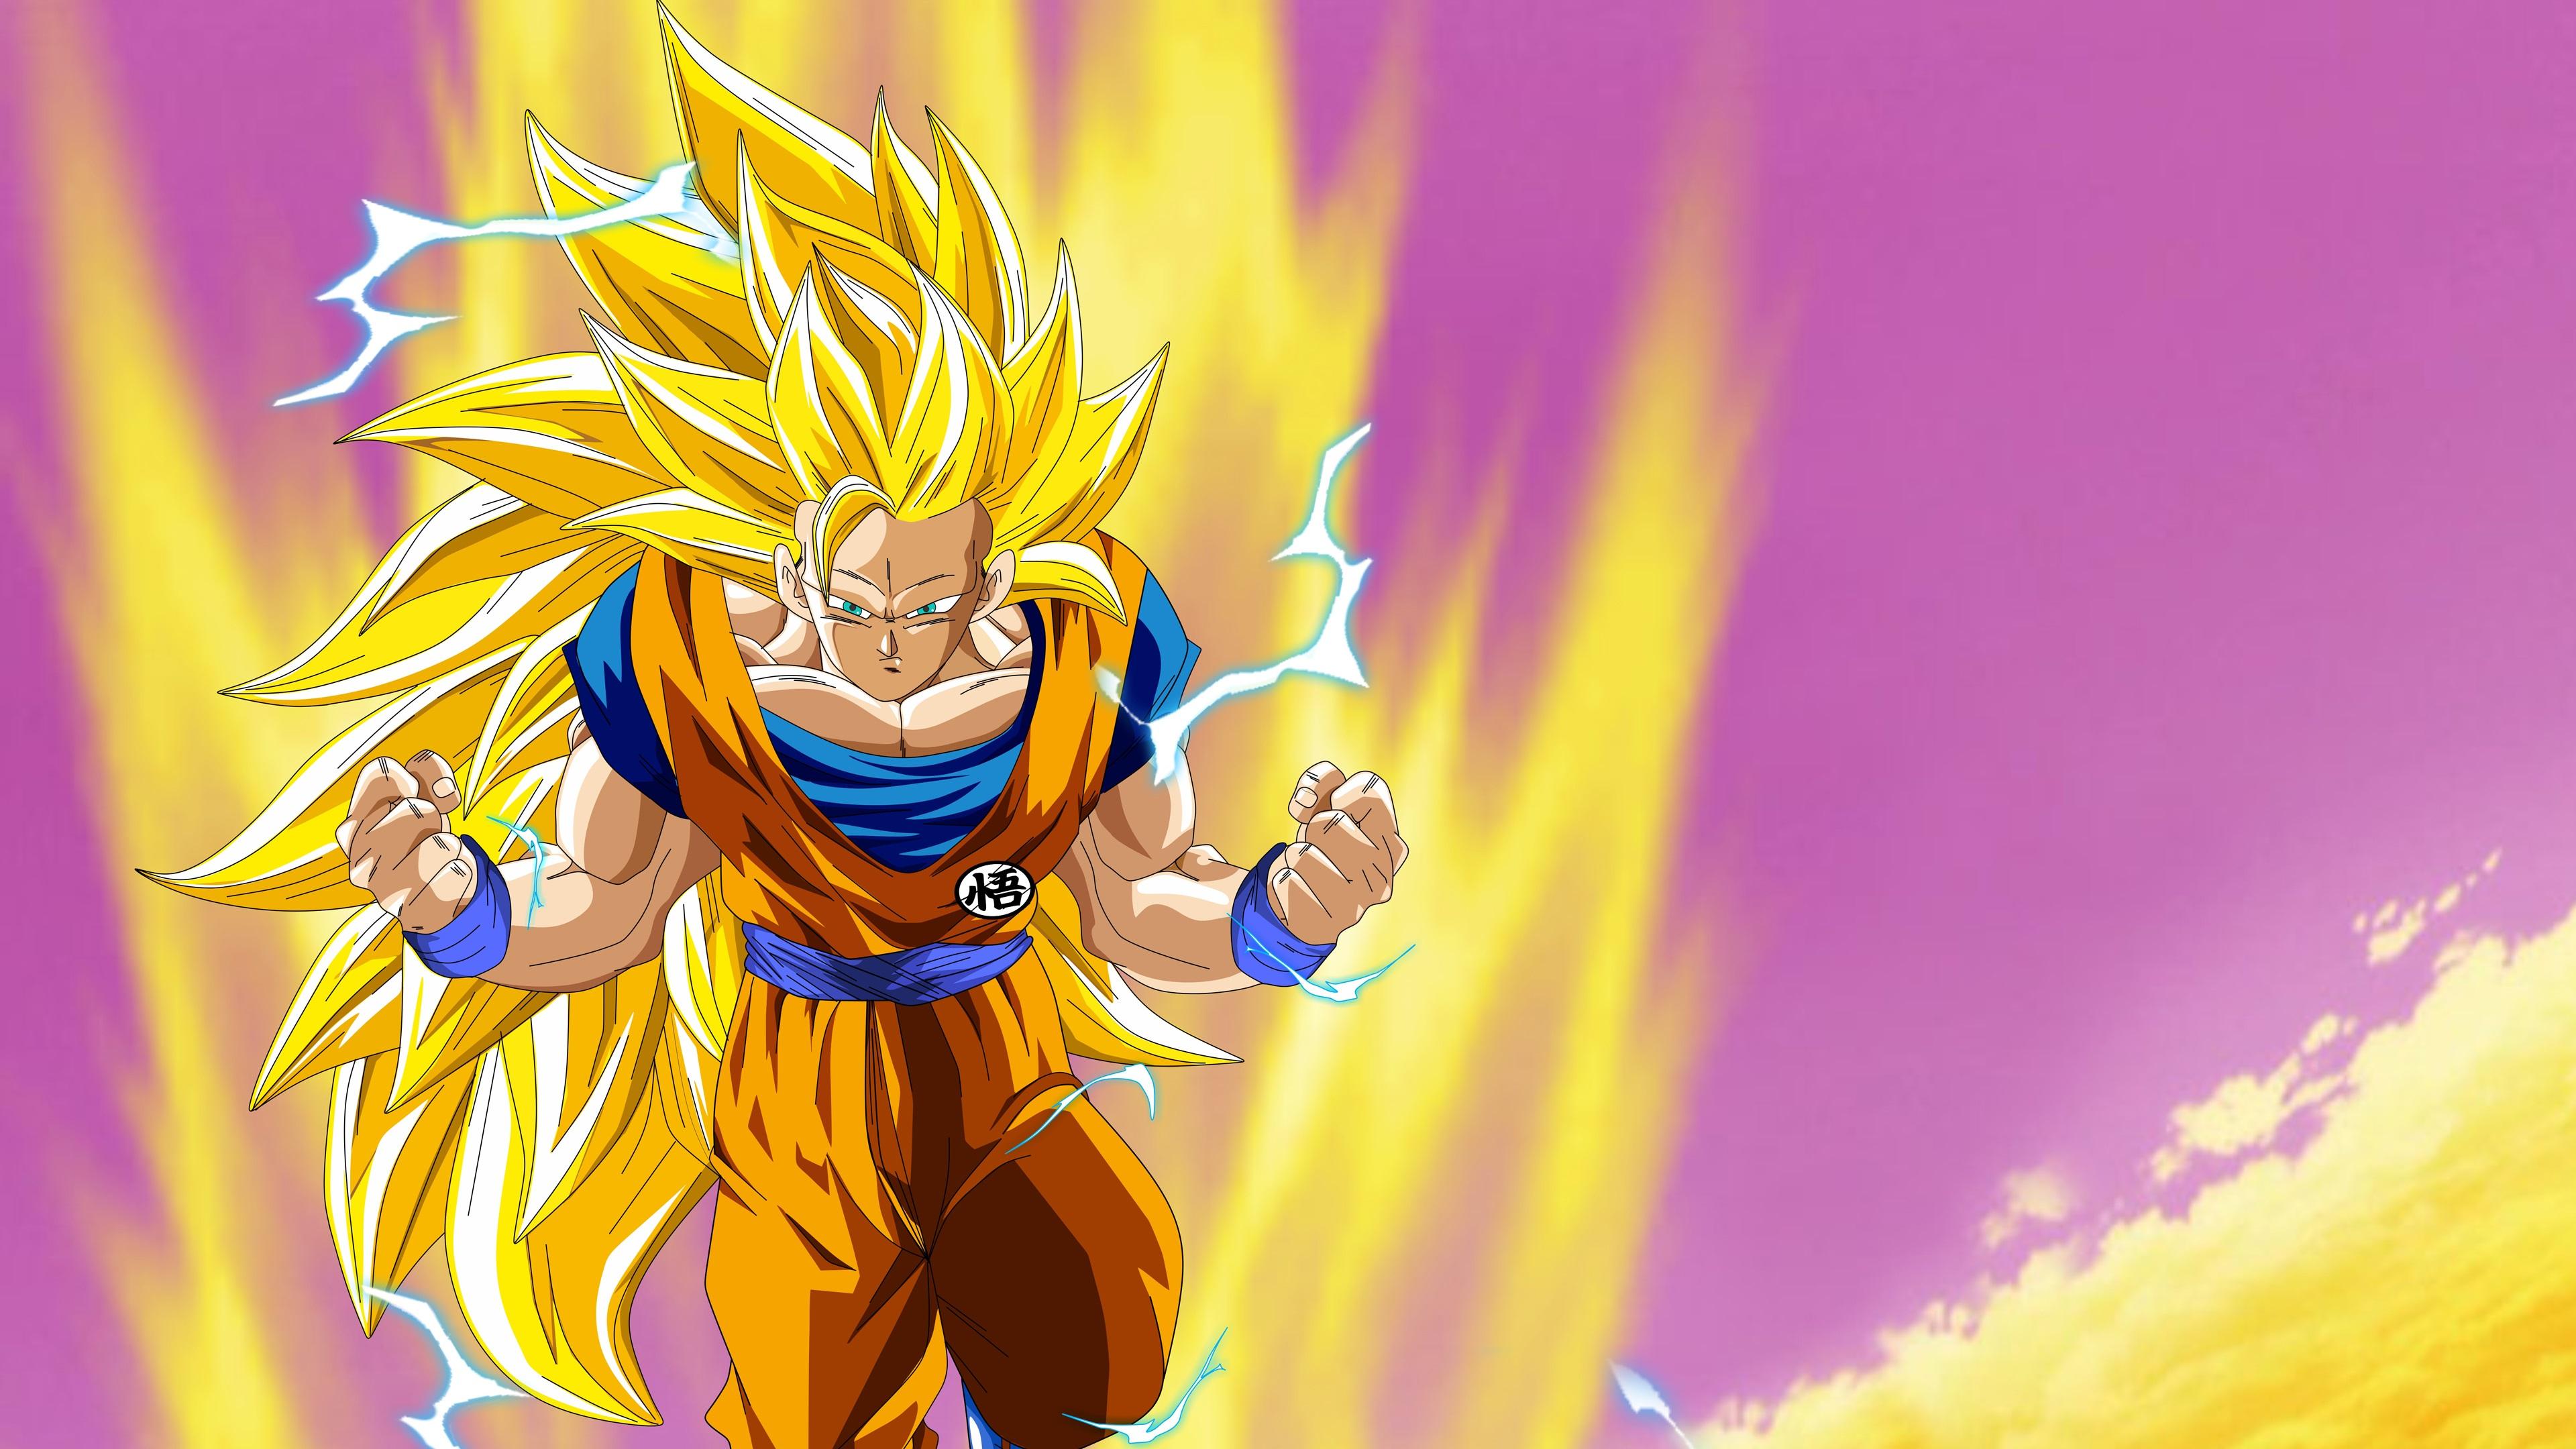 Wallpaper Dragon Ball, Goku, Japanese anime 3840x2160 UHD 4K Picture, Image